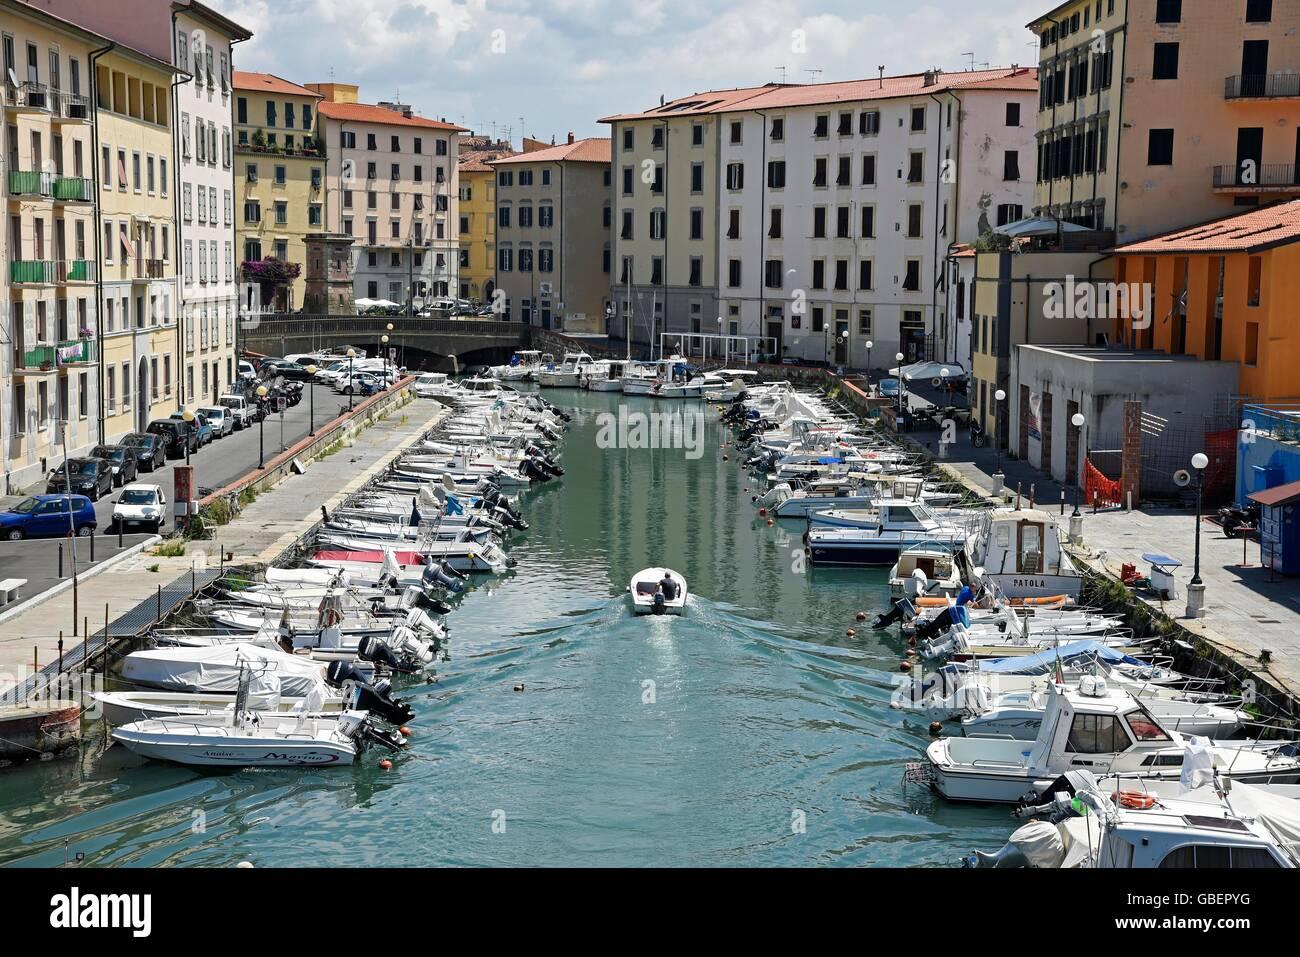 canal, boats, Venezia Nuova, district, historic centre, Livorno, Tuscany, Italy - Stock Image